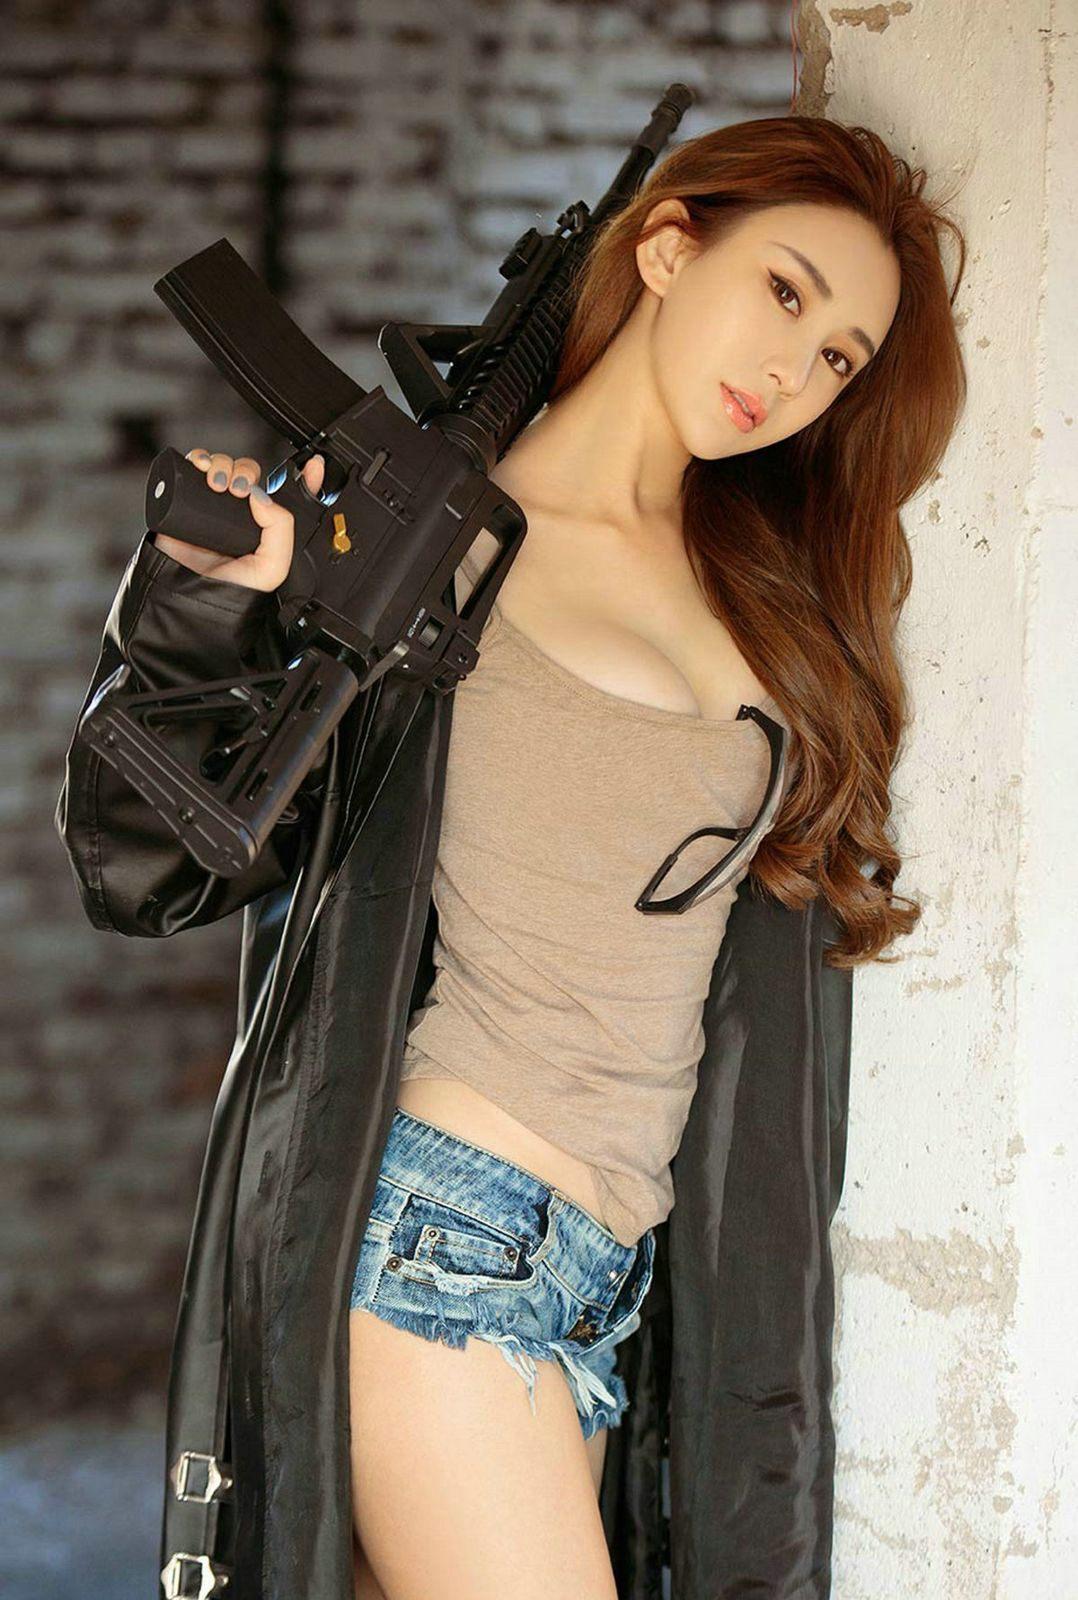 妹子喜欢玩枪 第1张